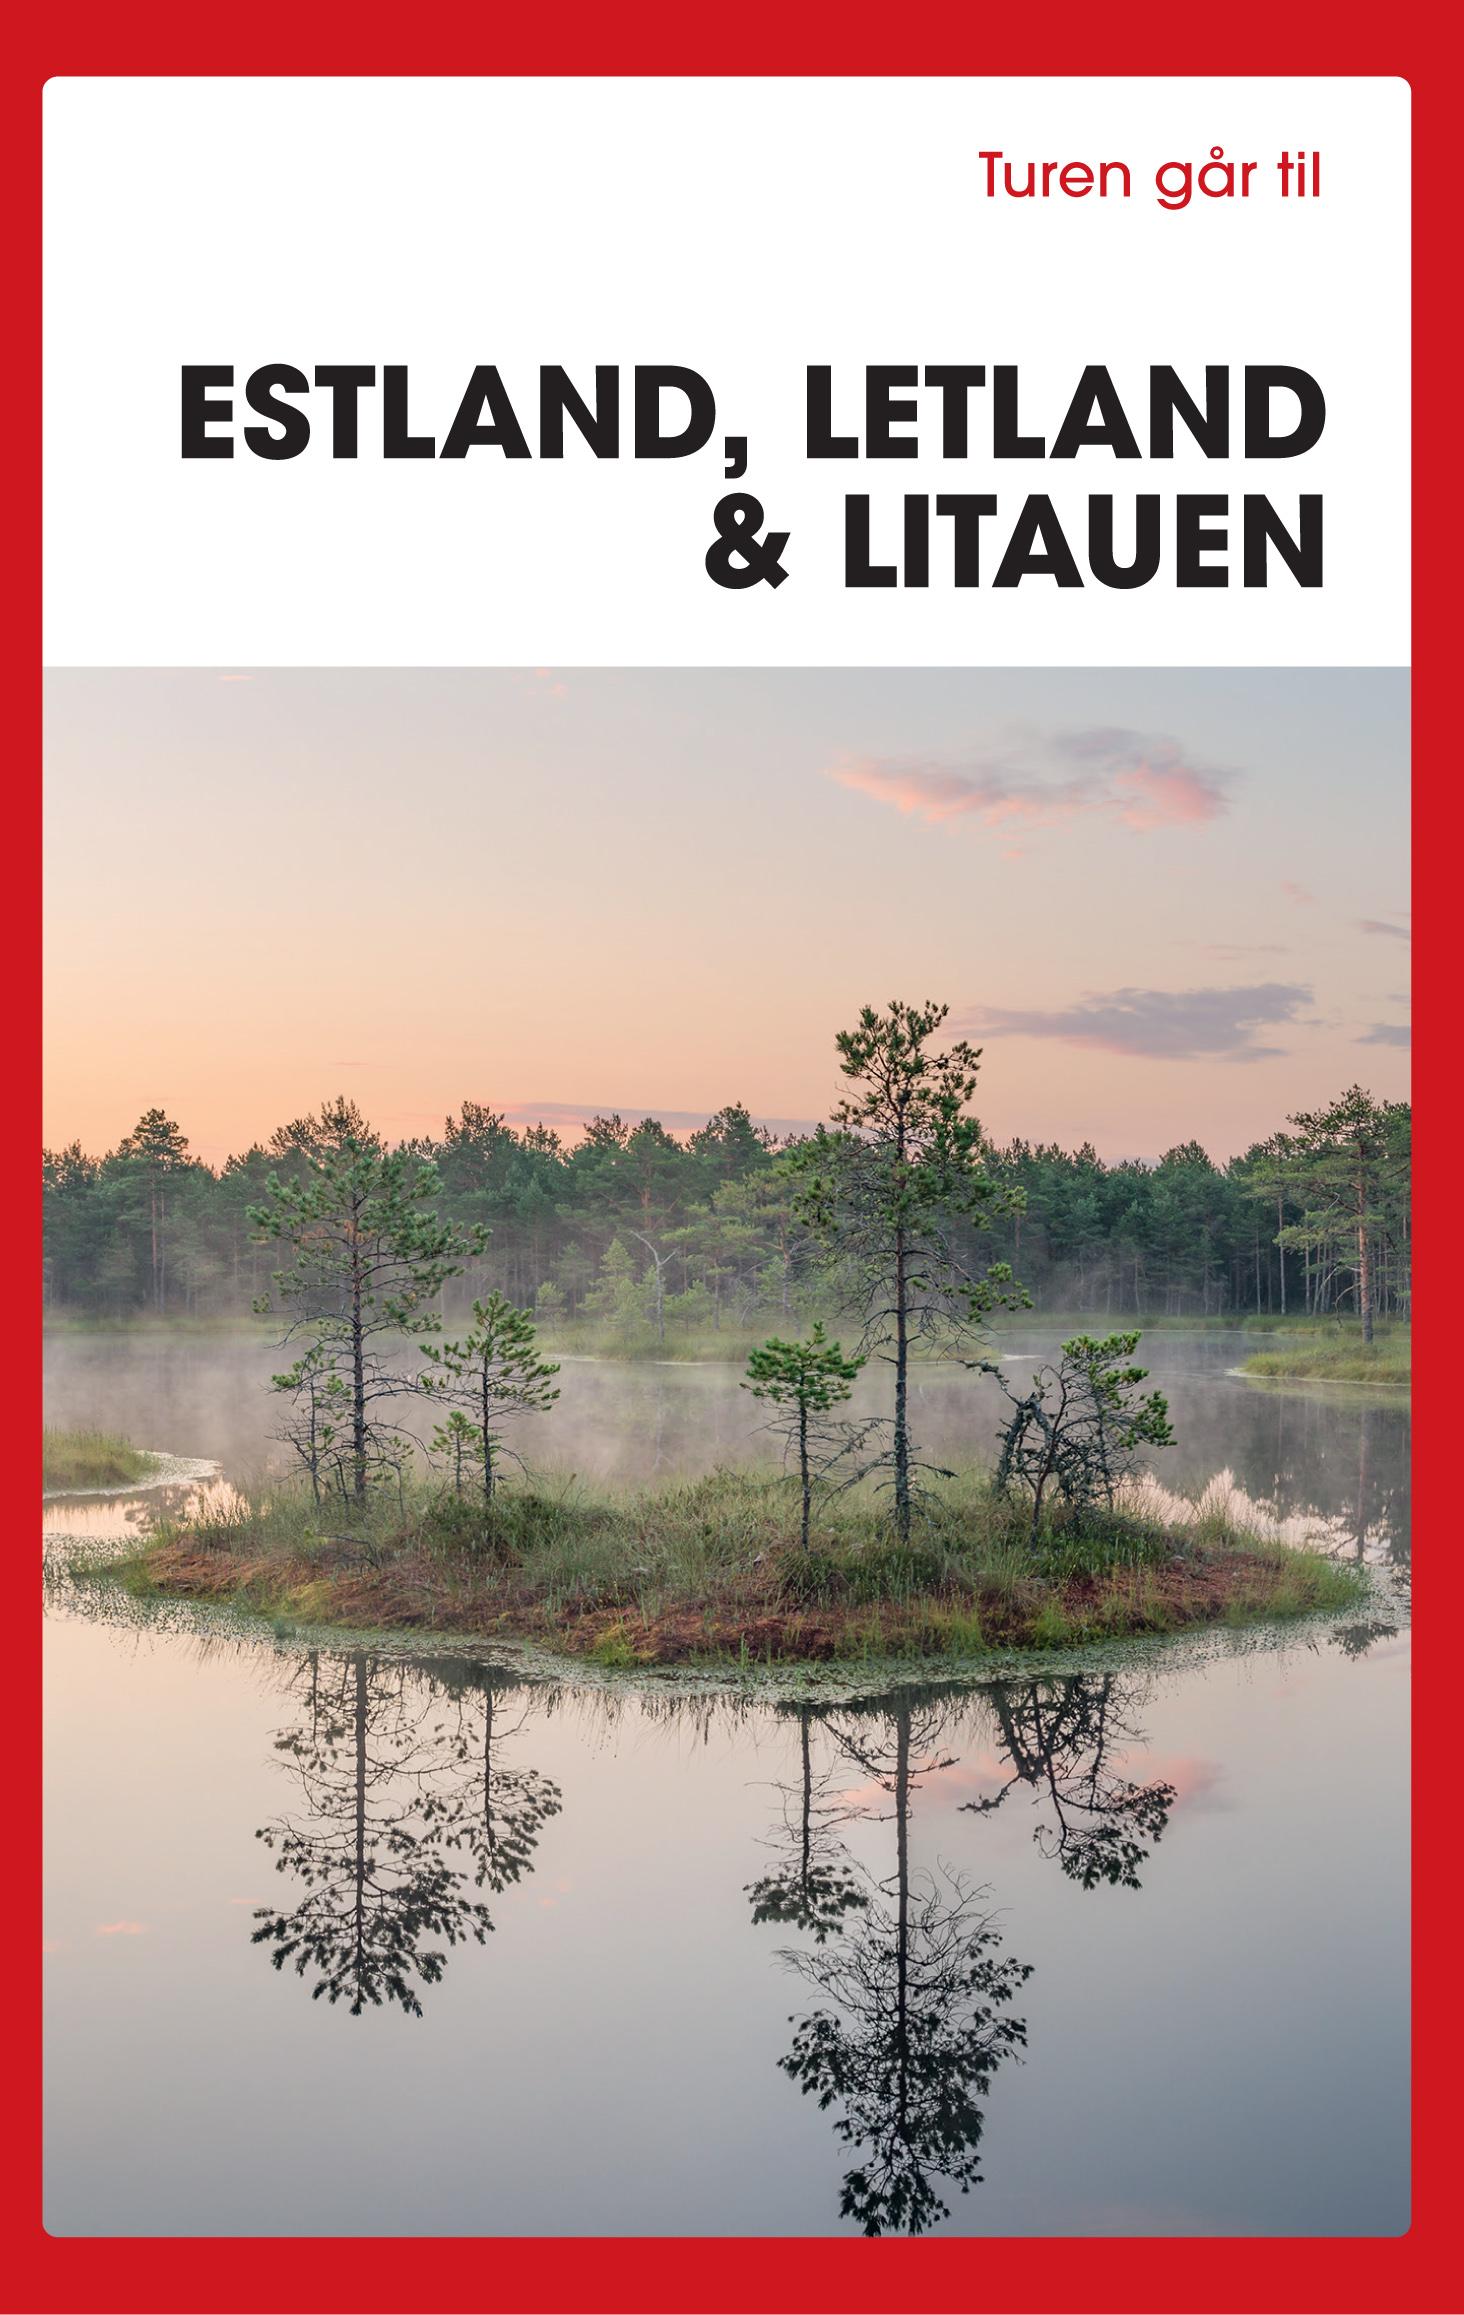 Turen går til Estland, Letland & Litauen - Karin Larsen - Bøger - Politikens Forlag - 9788740055702 - 2/3-2020